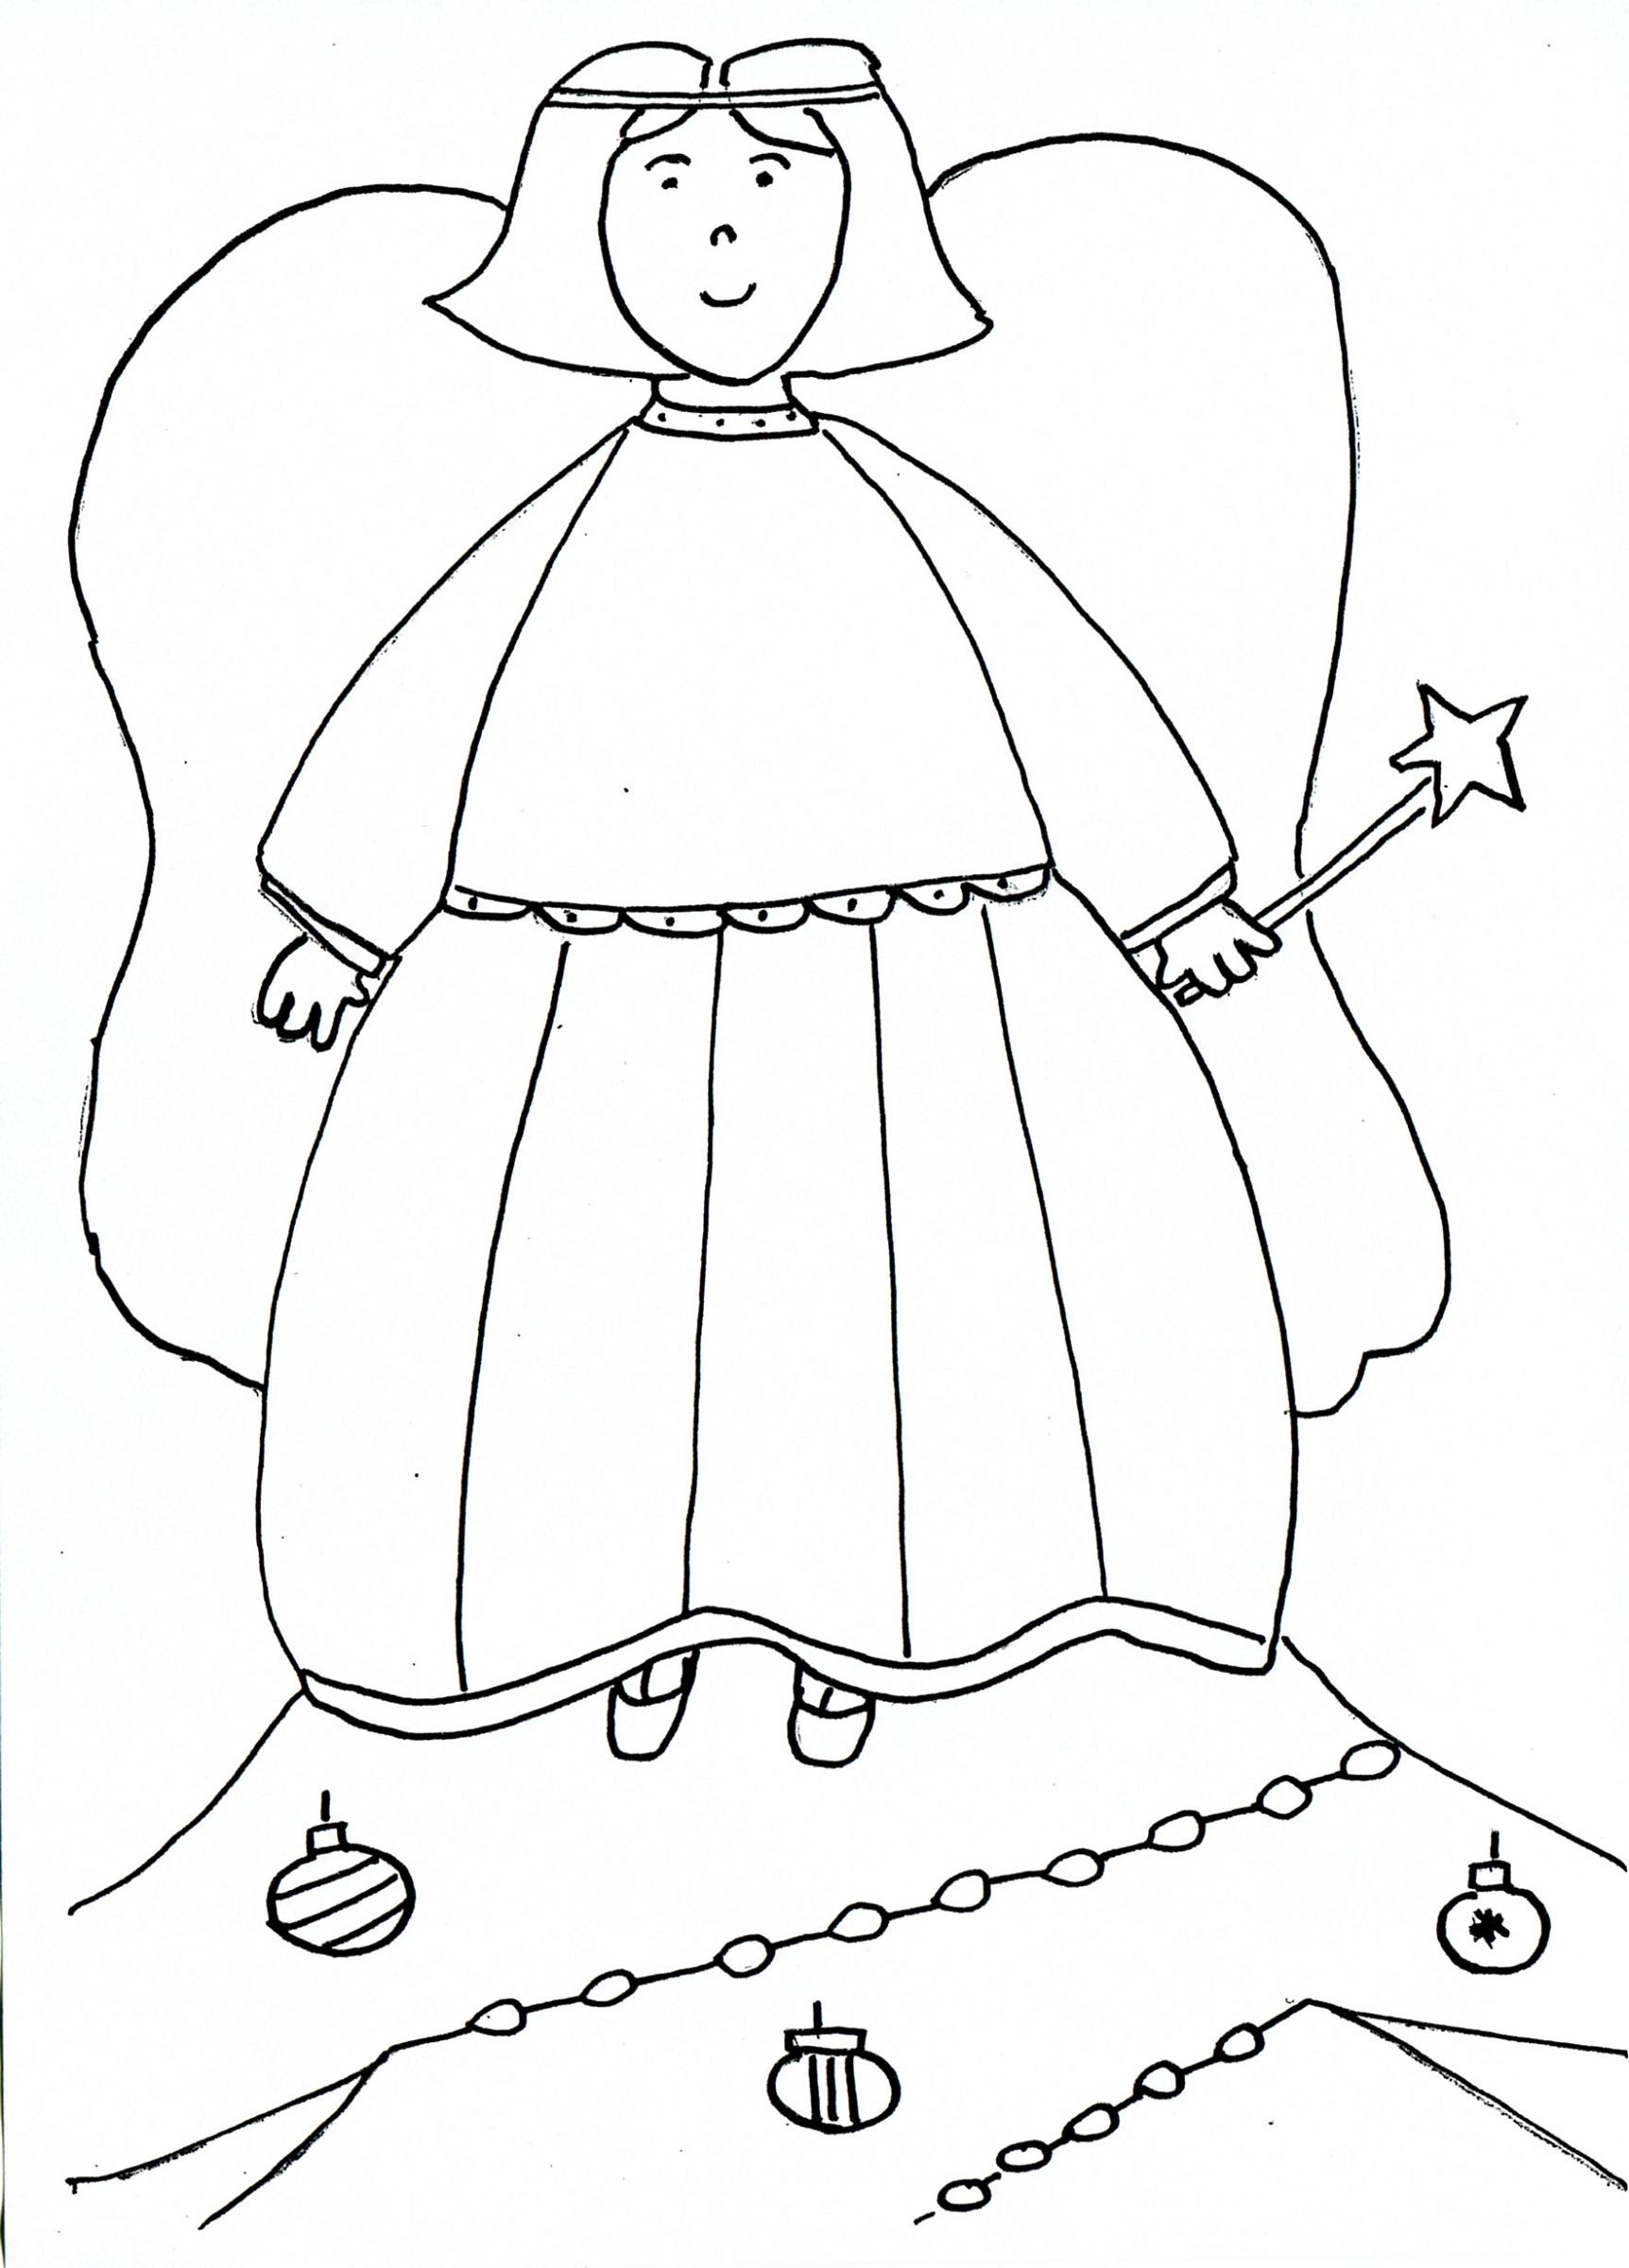 Kids Drawing Templates Christmas